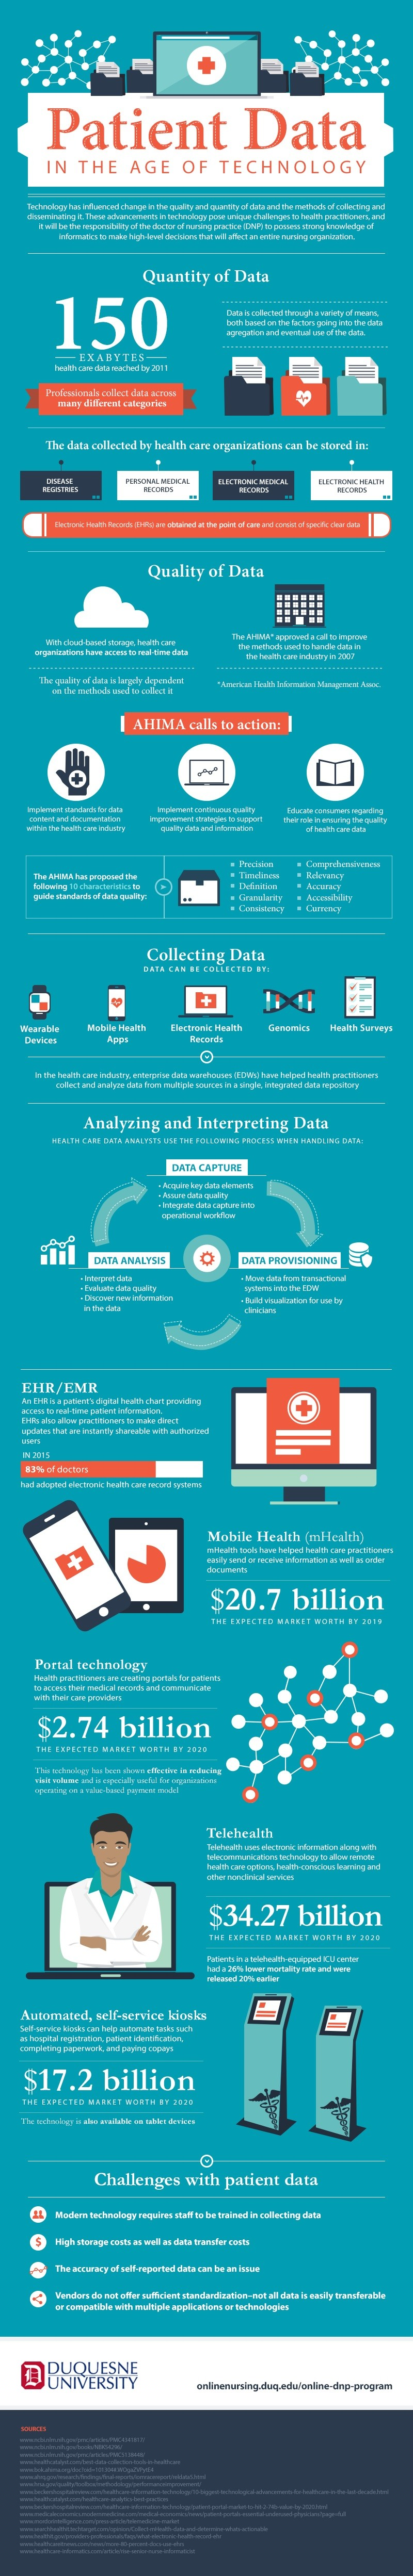 patient data